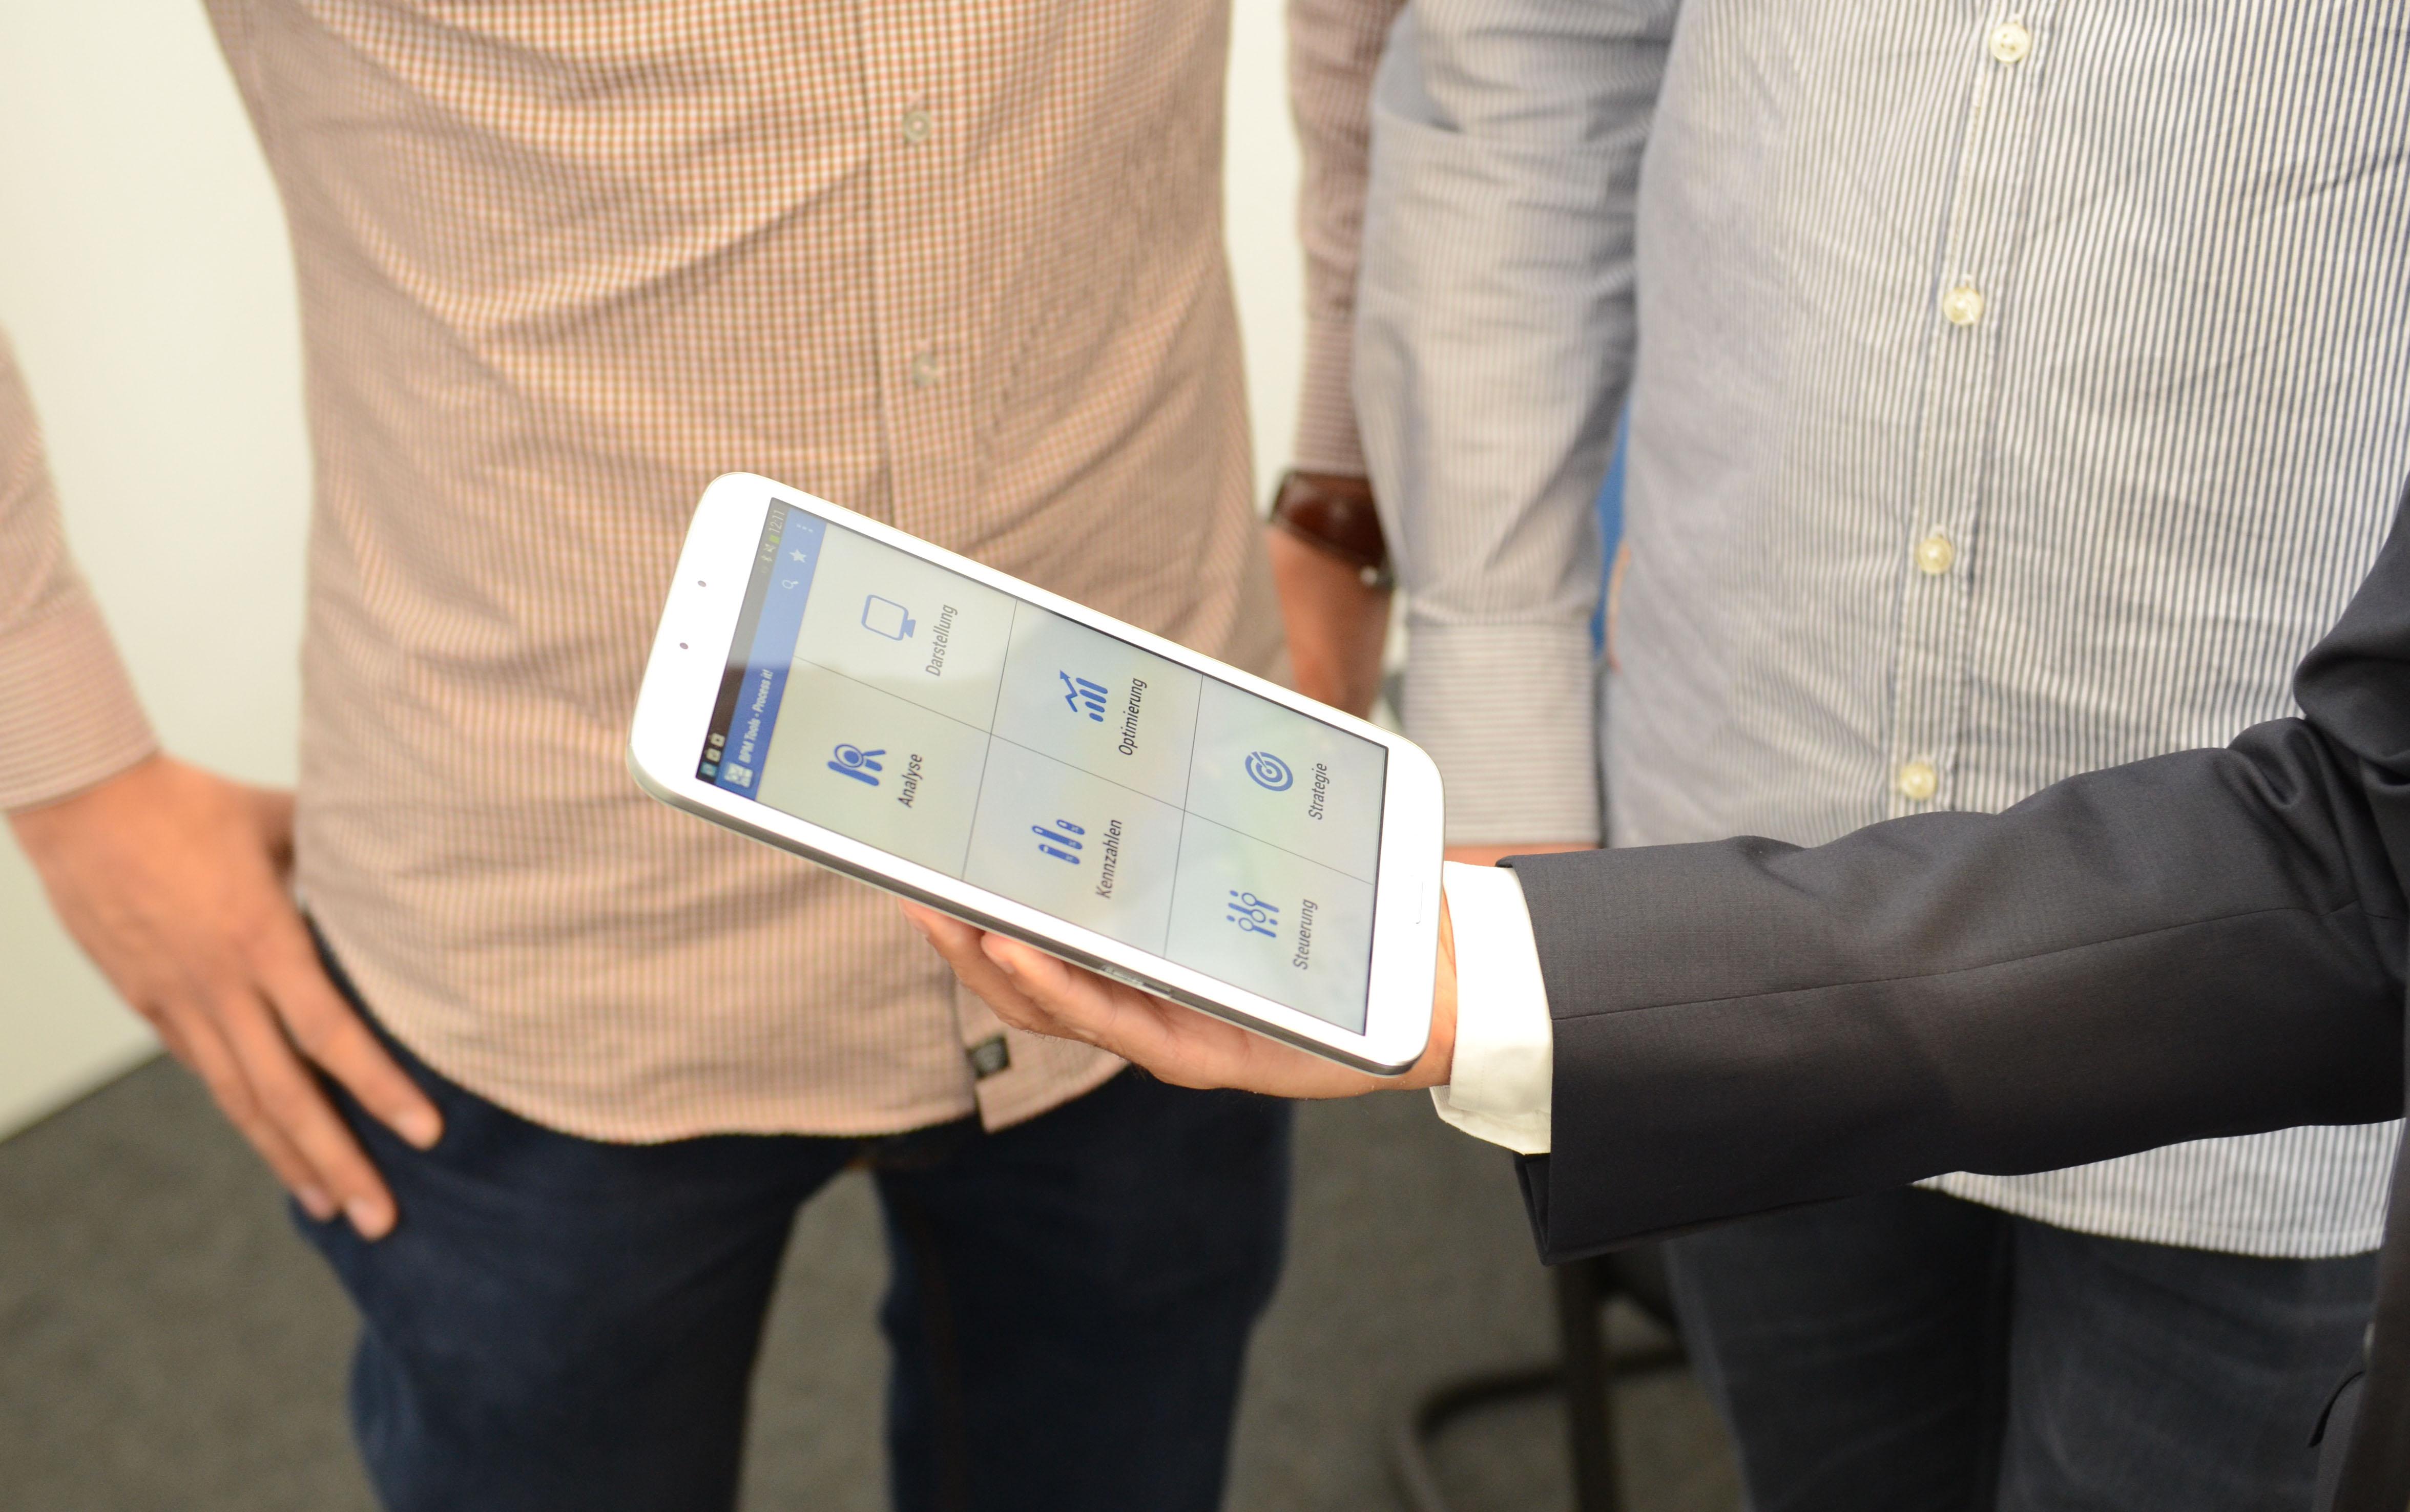 Die Benutzeroberfläche der App bietet Zugang zu sechs Kategorien.